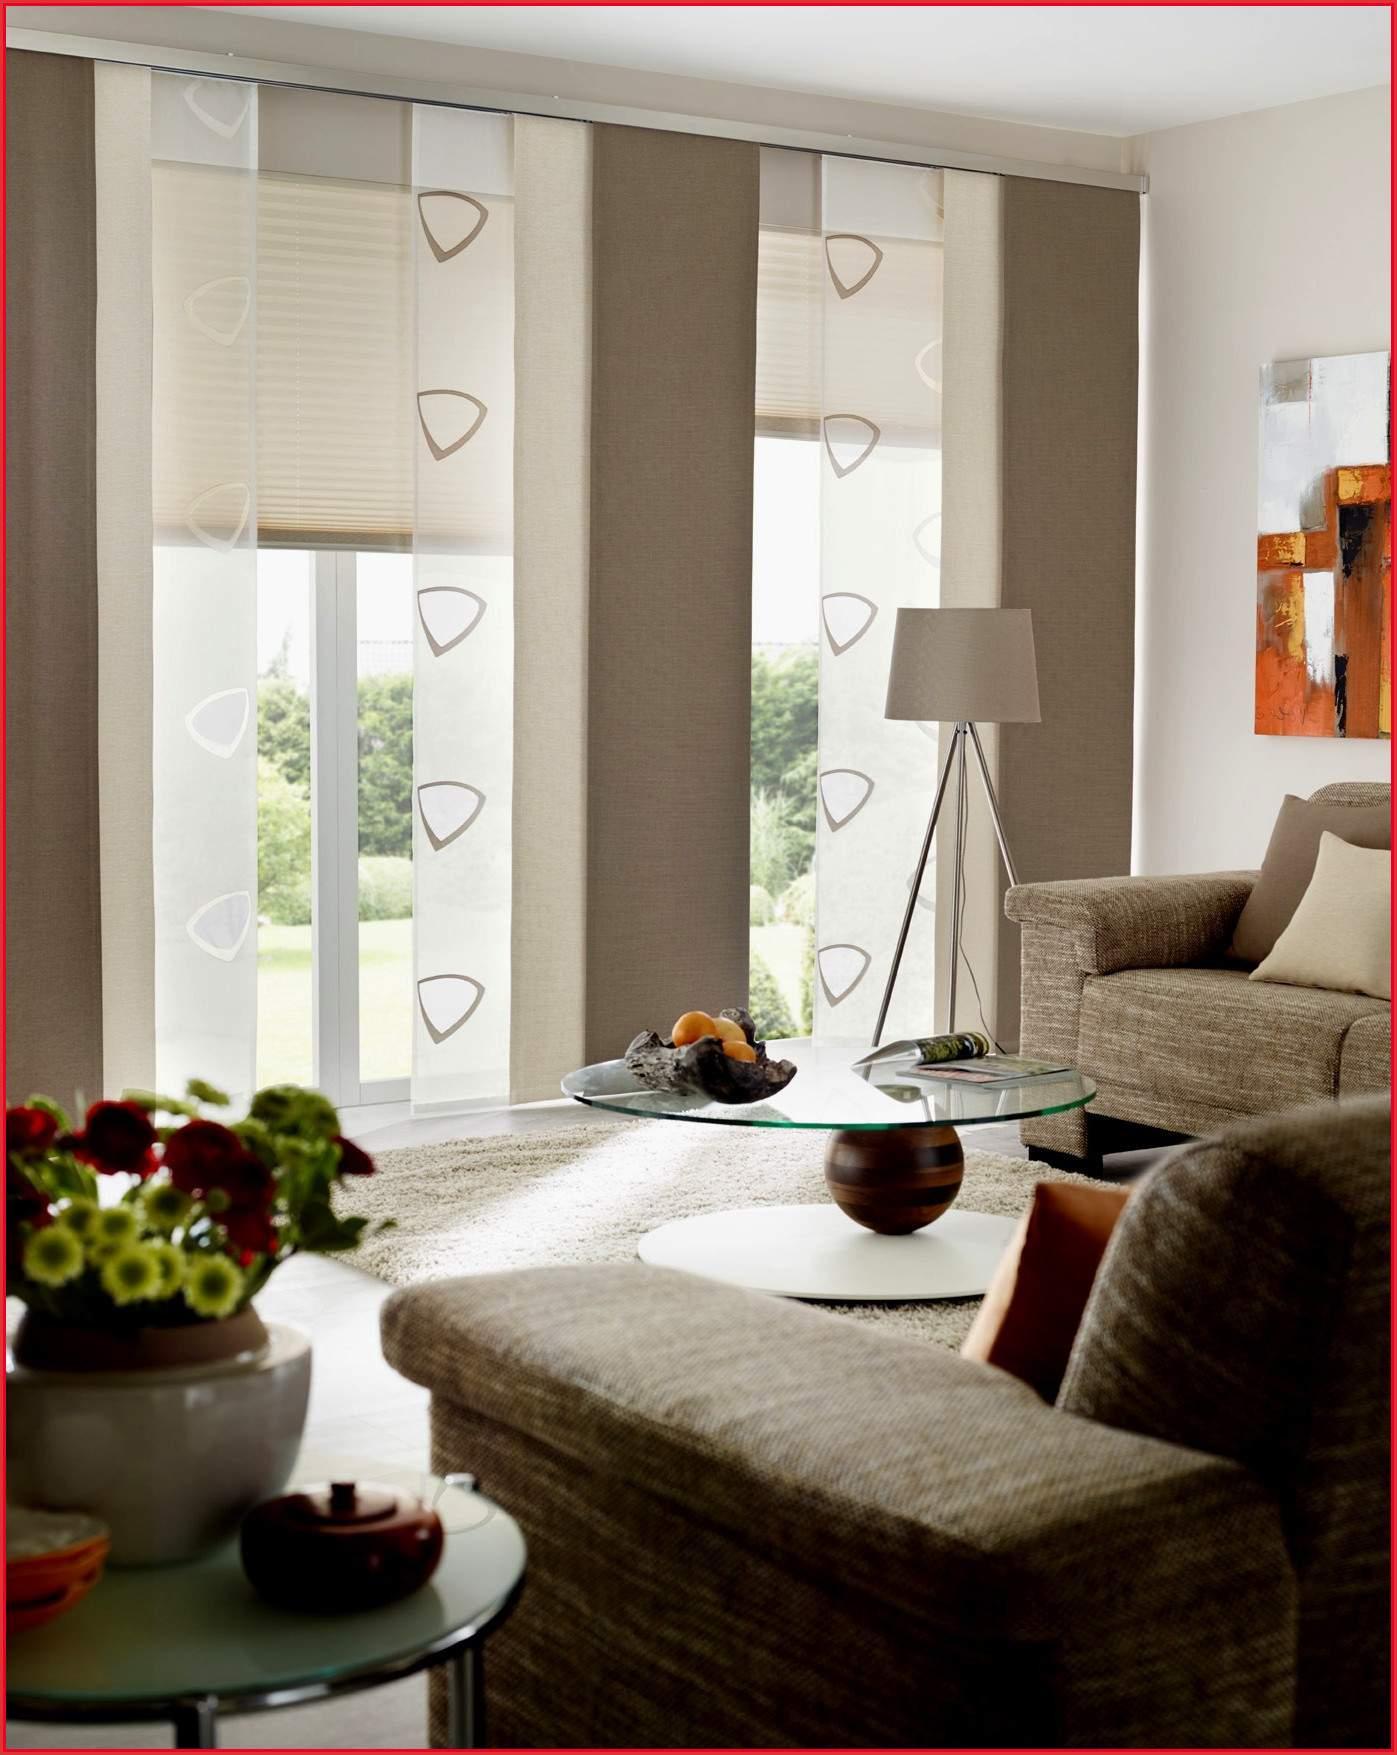 Full Size of Gardinen Ideen Wohnzimmer Genial Fenster Für Schlafzimmer Tapeten Bad Renovieren Scheibengardinen Küche Die Wohnzimmer Gardinen Ideen